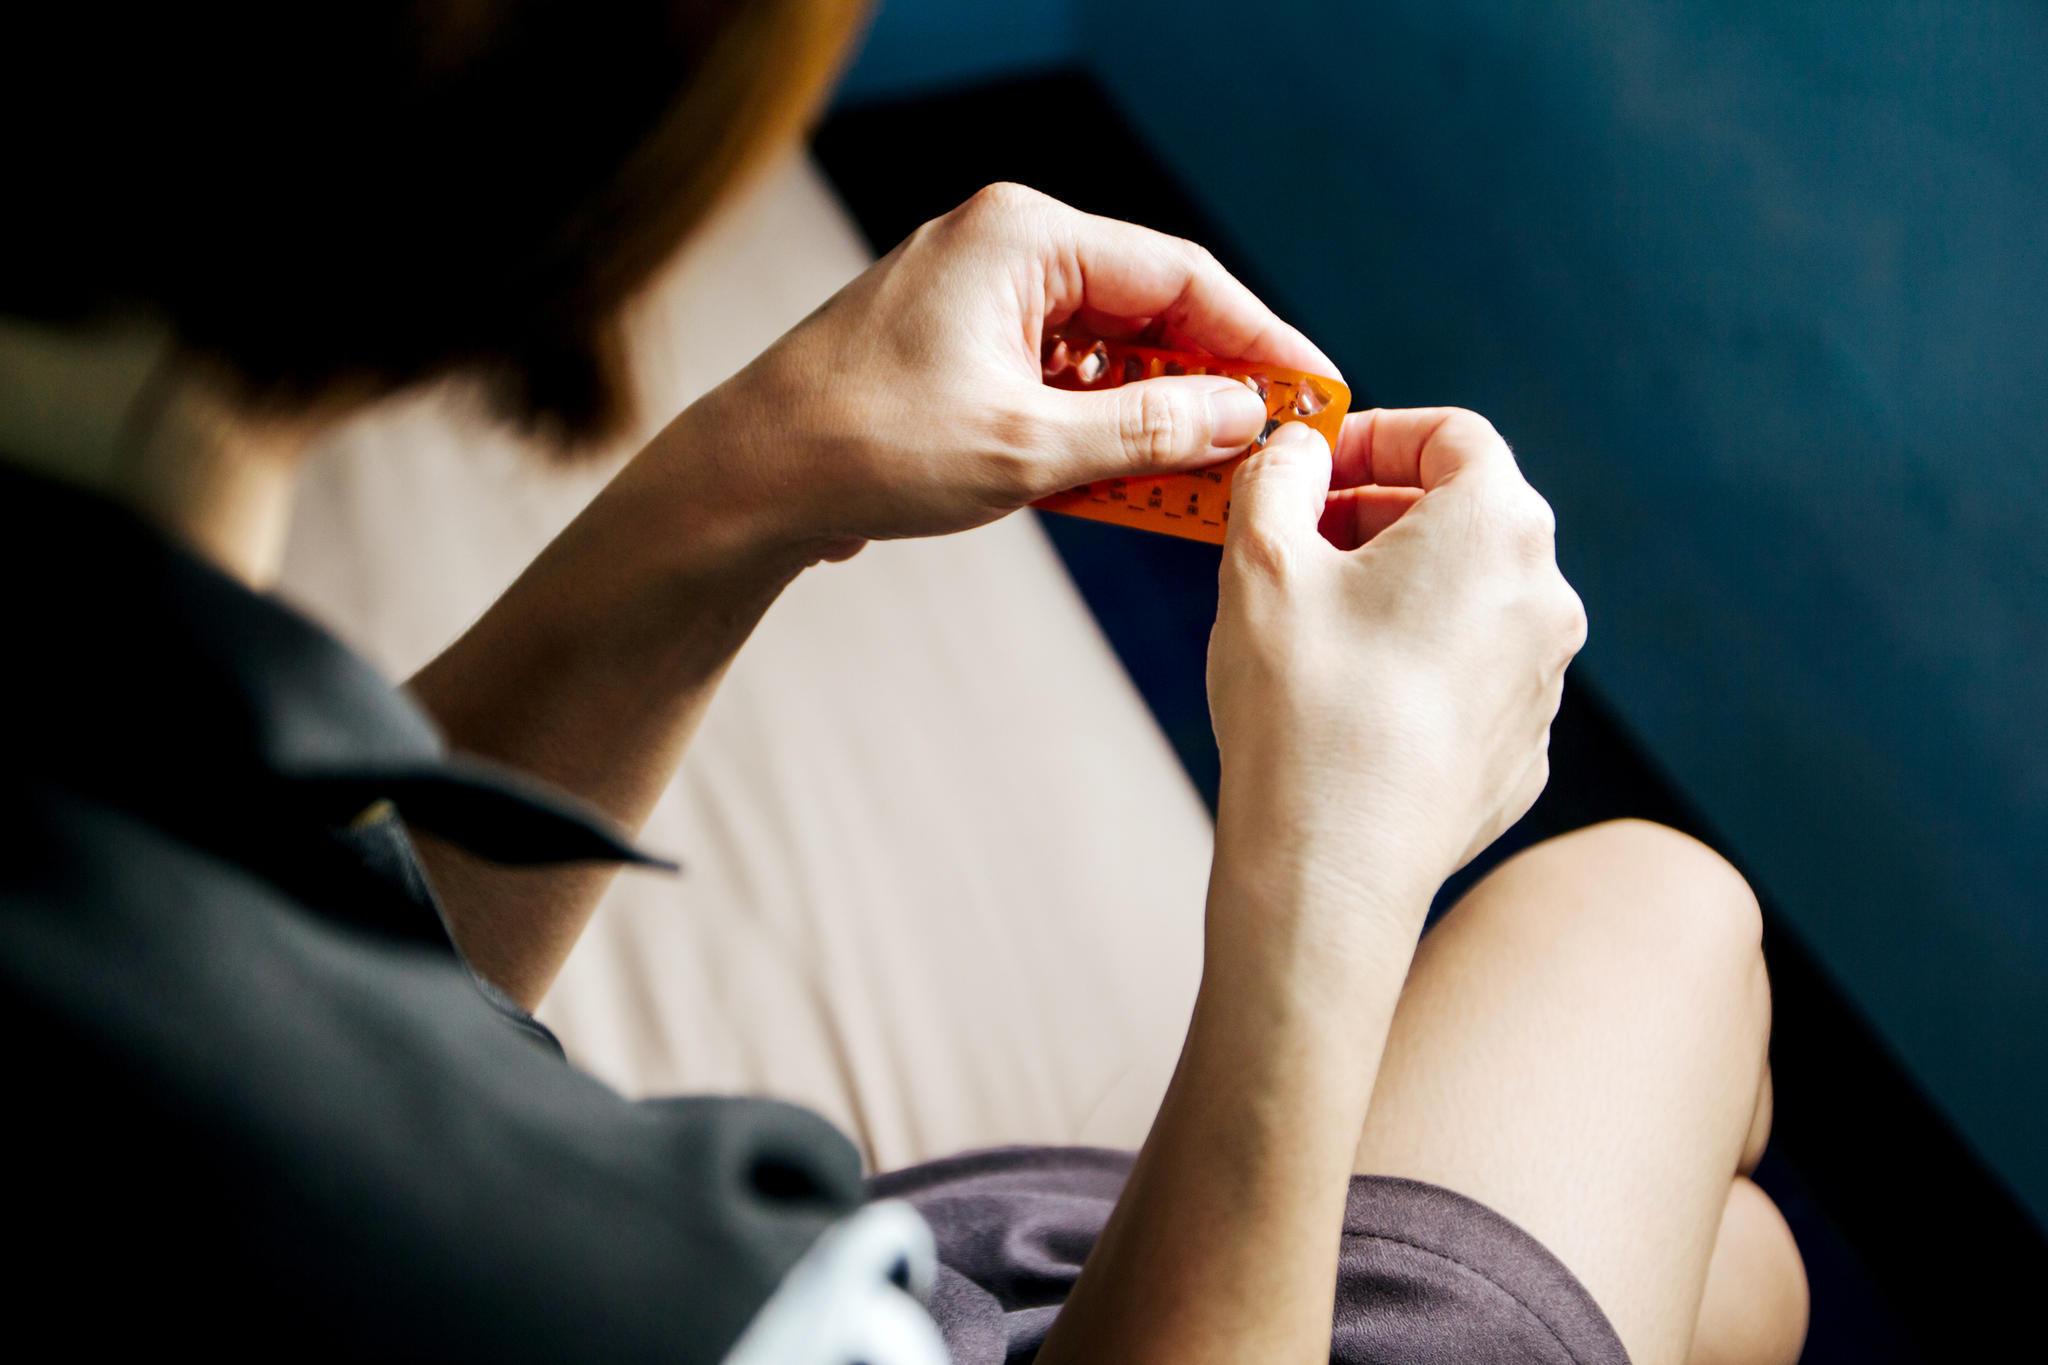 Warum machen wir eigentlich eine Pillenpause?